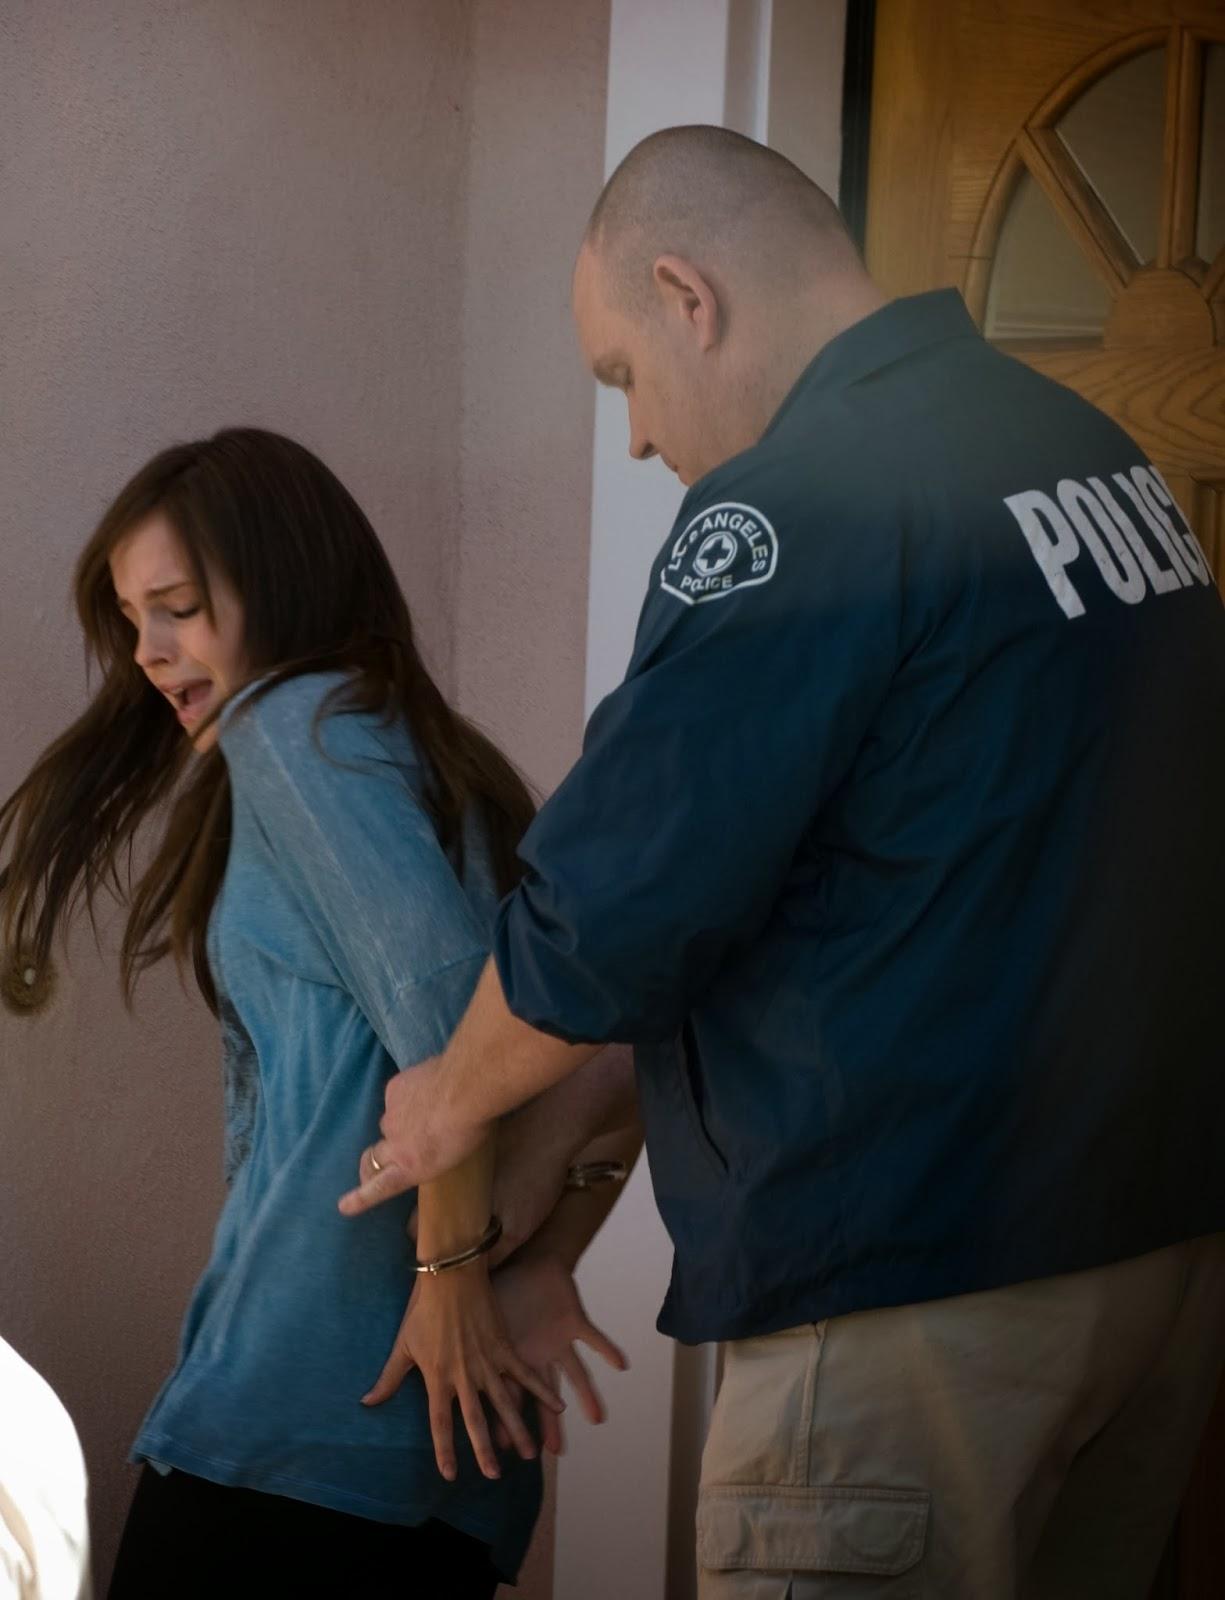 【星光大盜】艾瑪華森偷竊使壞被逮淪階下囚 模樣狼狽 - WoWoNews